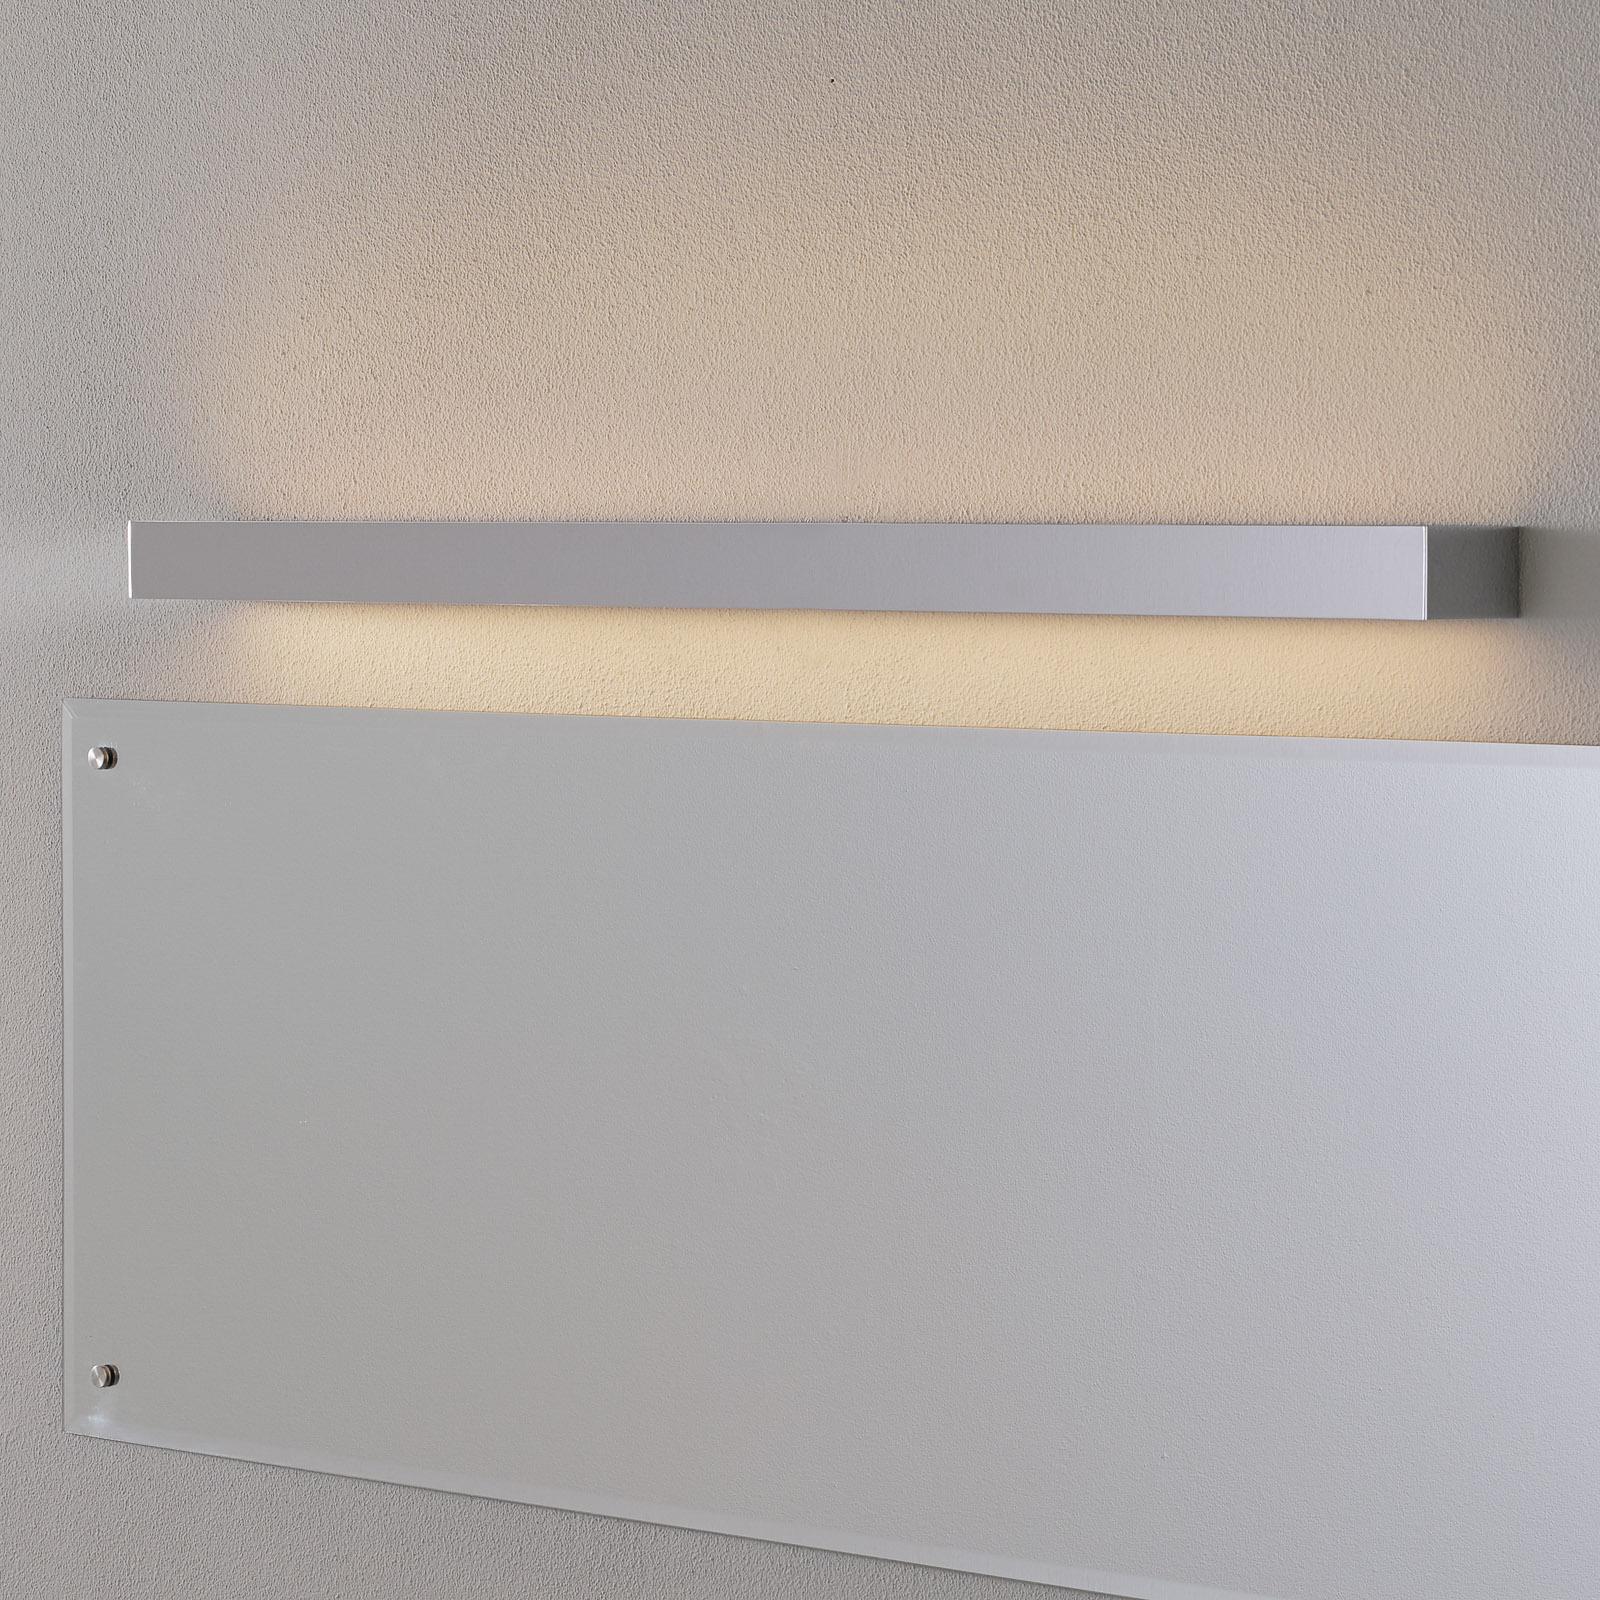 Helestra Theia LED-spegellampa, förkromad, 90 cm